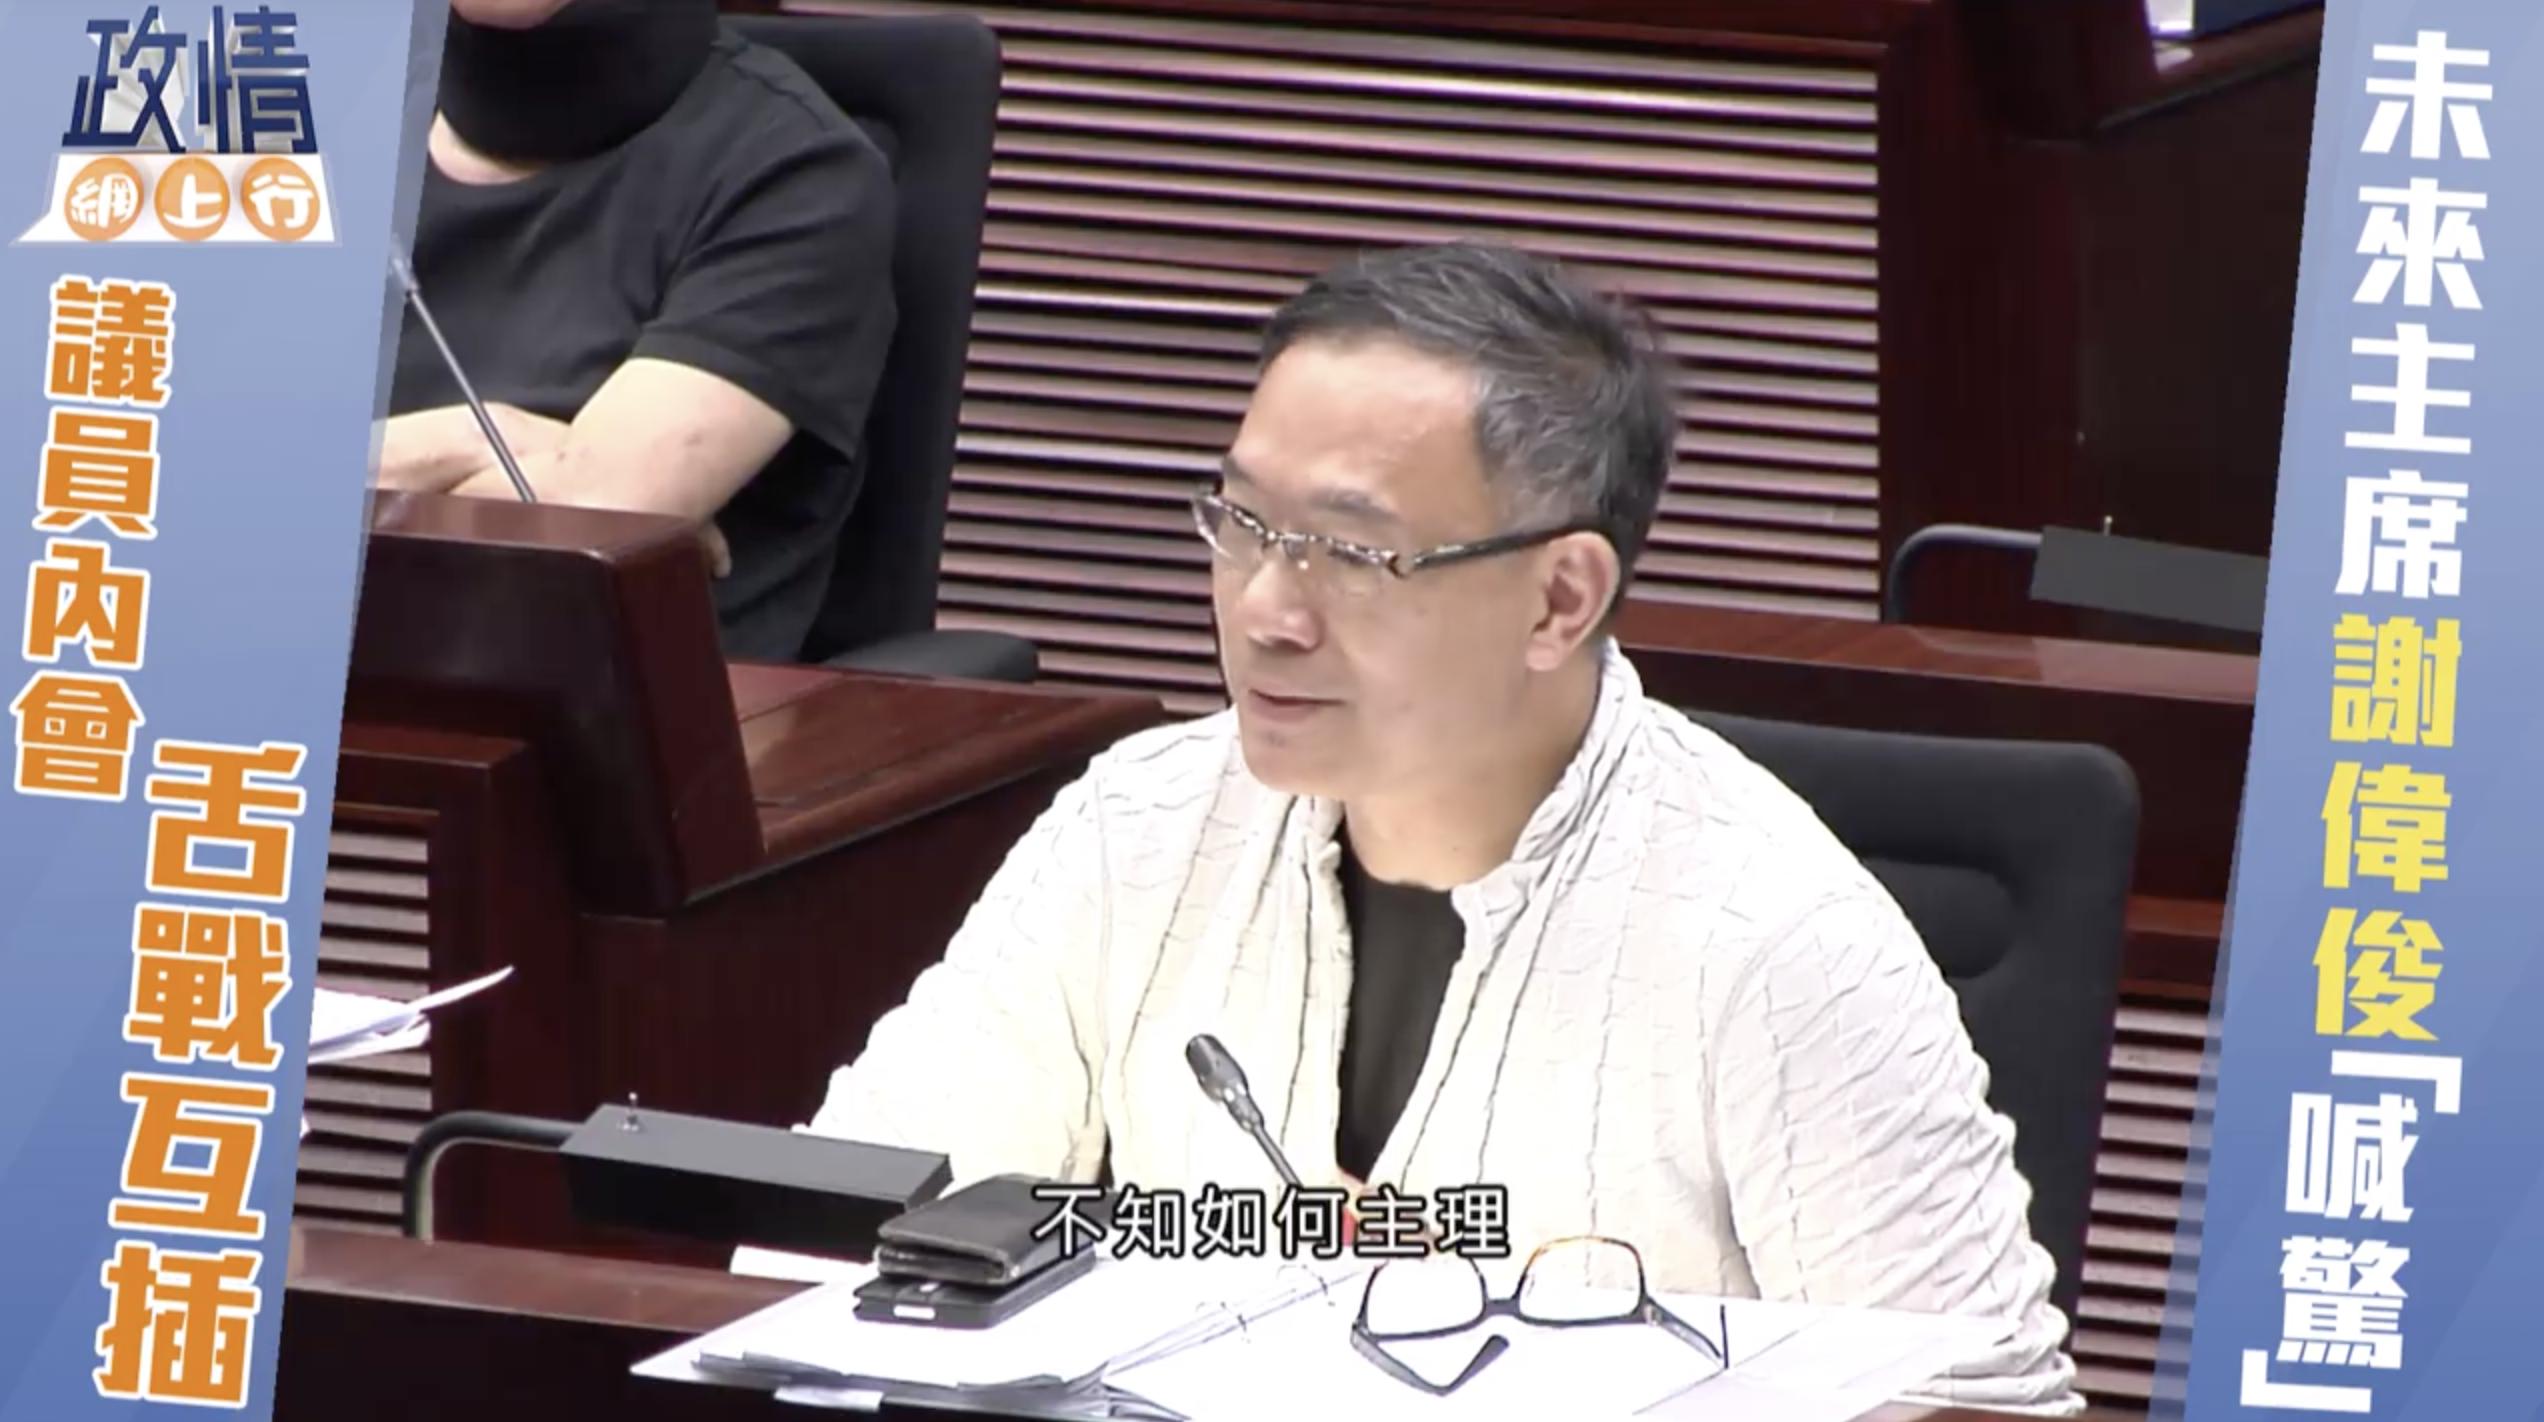 【政情網上行】議員內會舌戰互插 未來主席謝偉俊「喊驚」